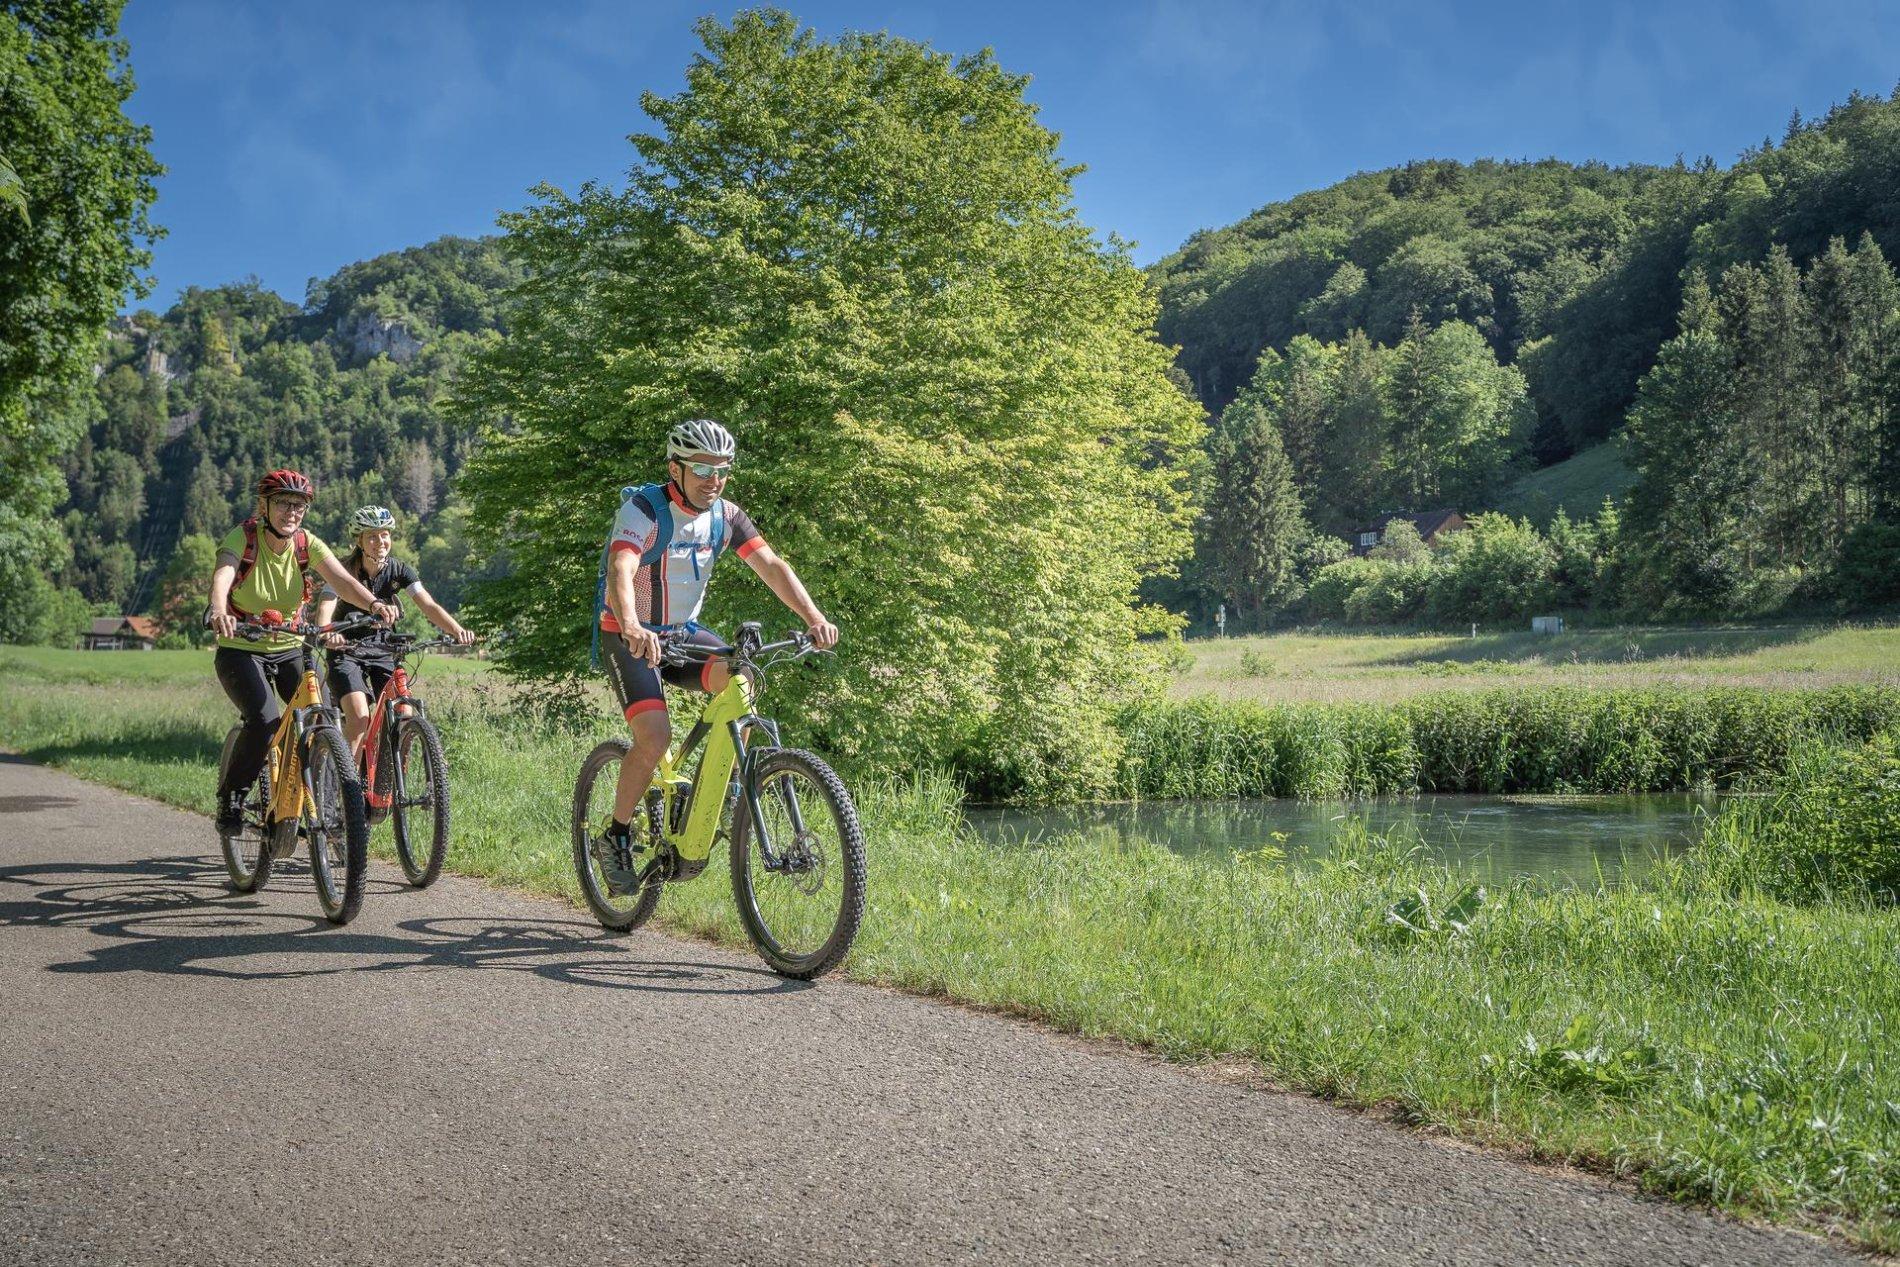 Drei Radfahrer*innen fahren mit E-Bikes auf einem Teerweg an einem Fluss entlang. Im Hintergrund ist Wald ud einige Felsen. Es ist sonnig und warm.